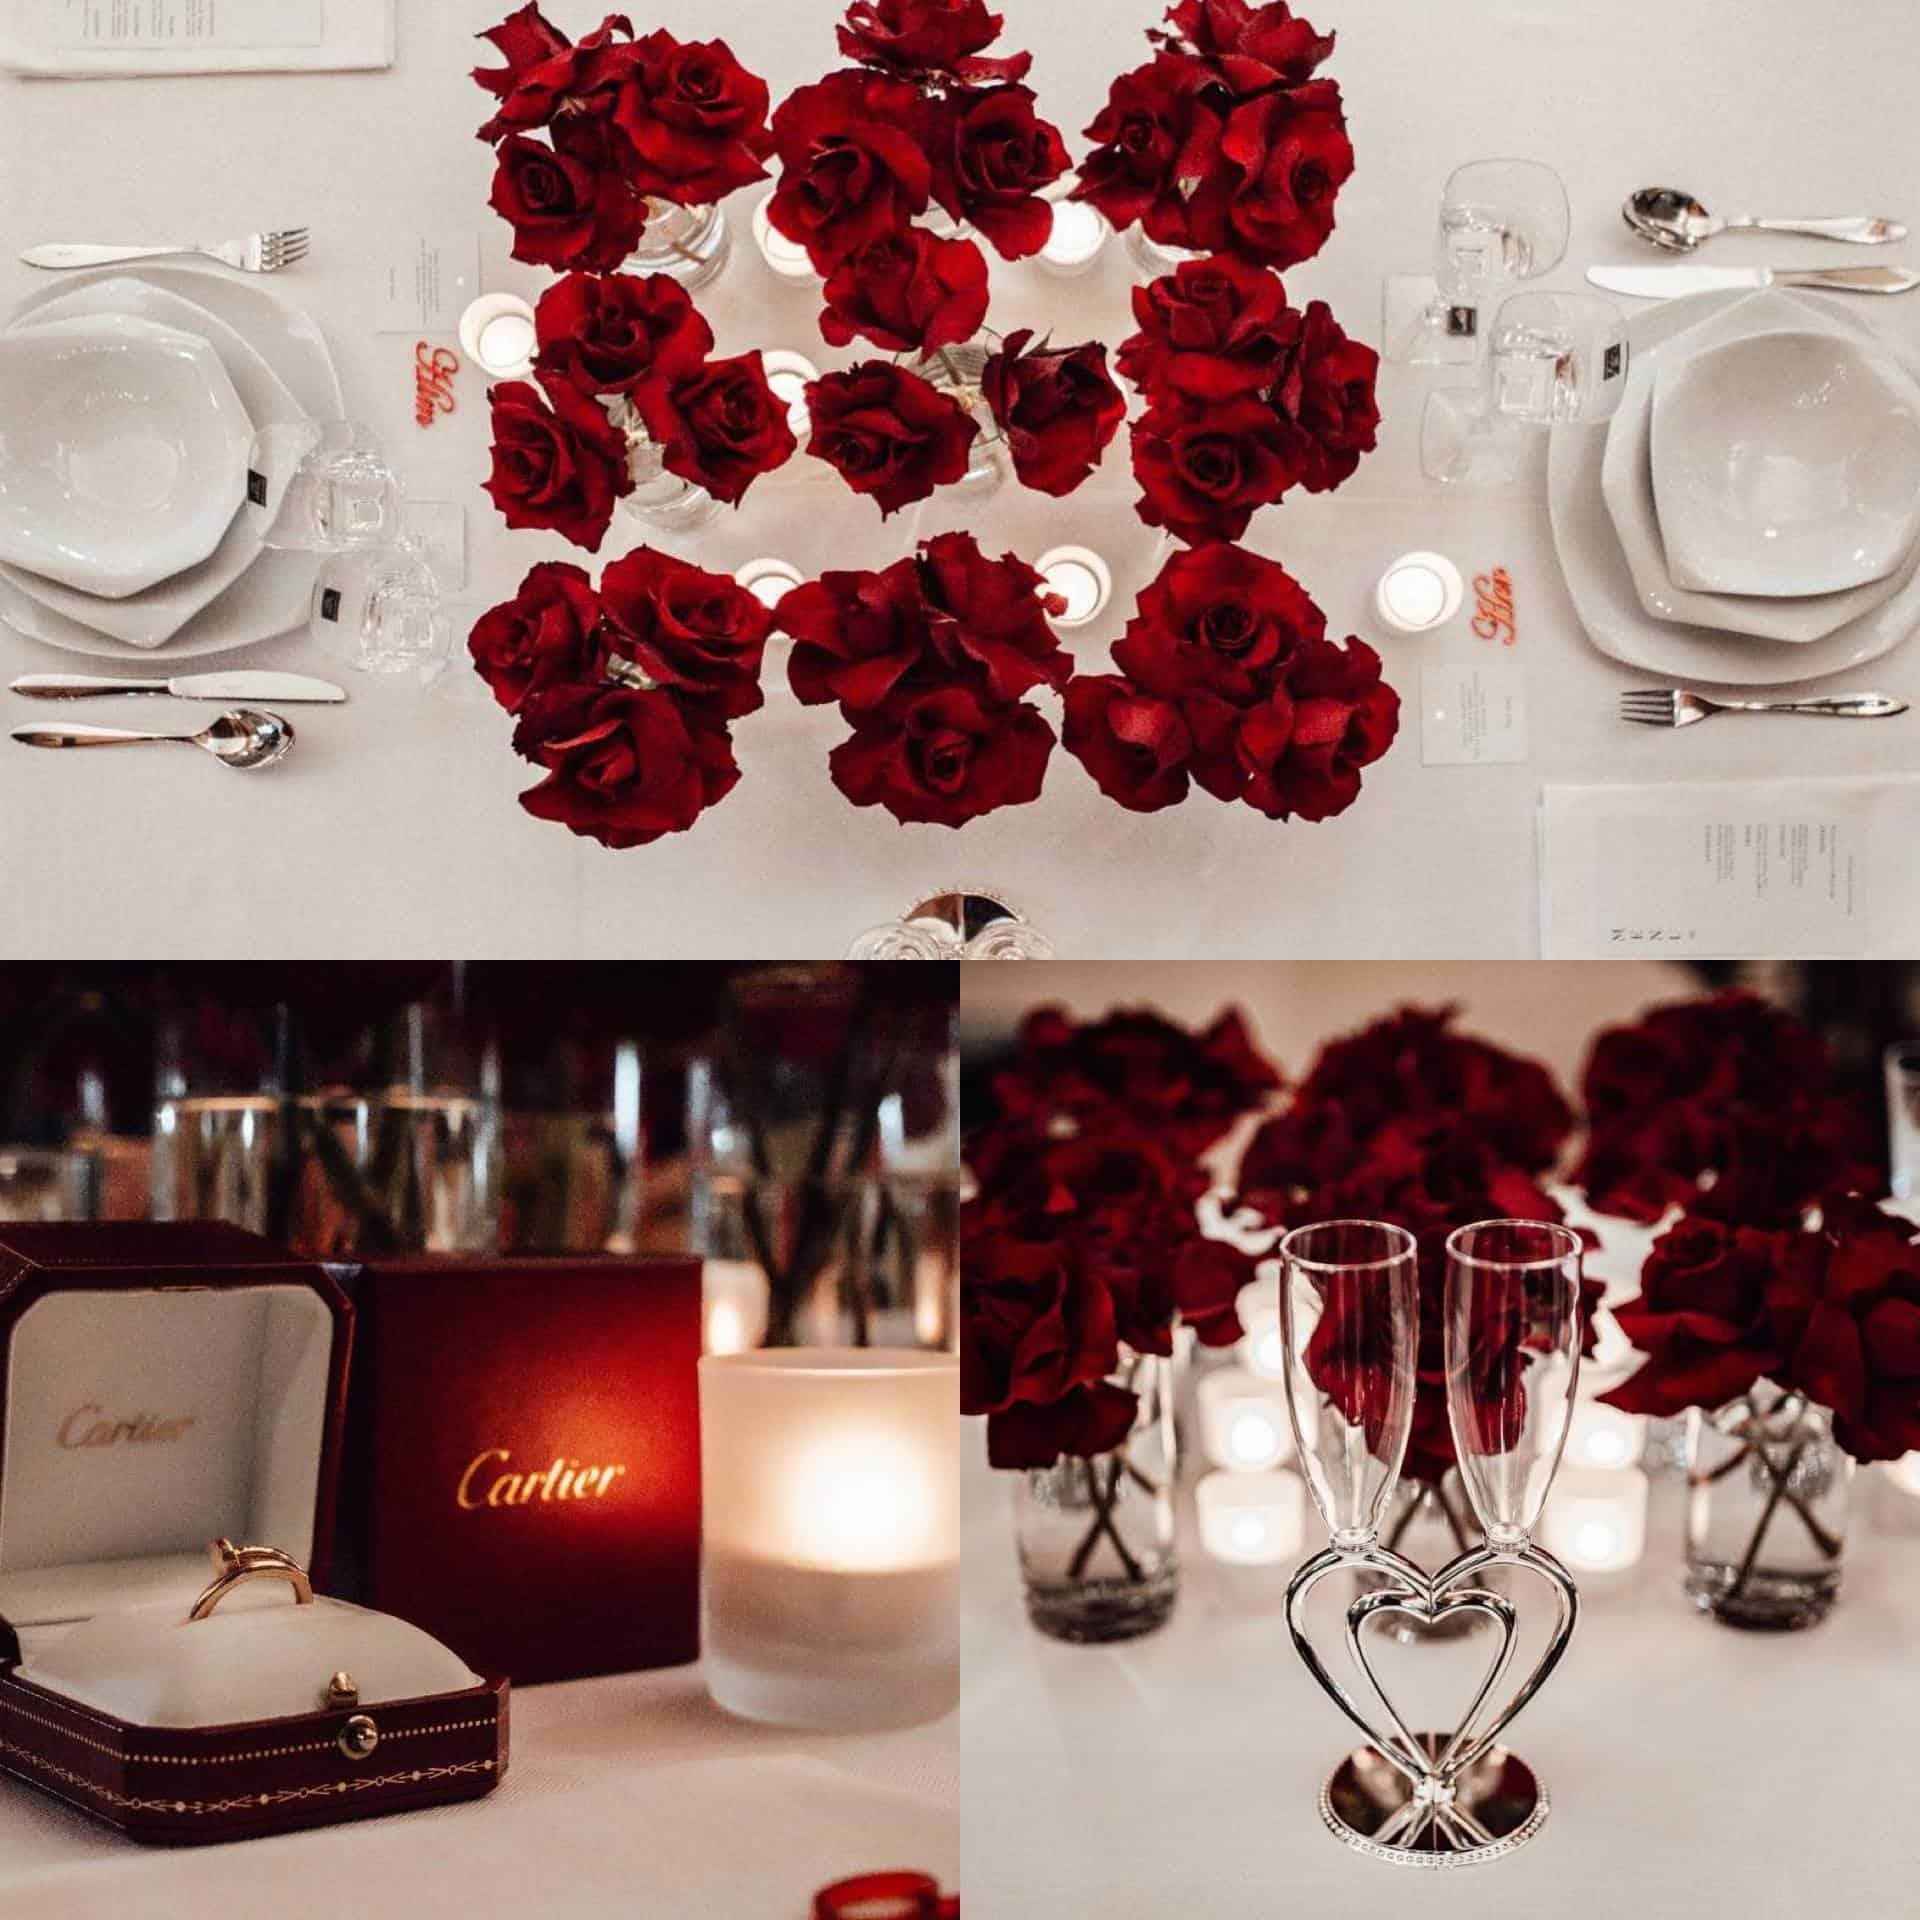 A San Valentino una proposta red passion targata So Chic